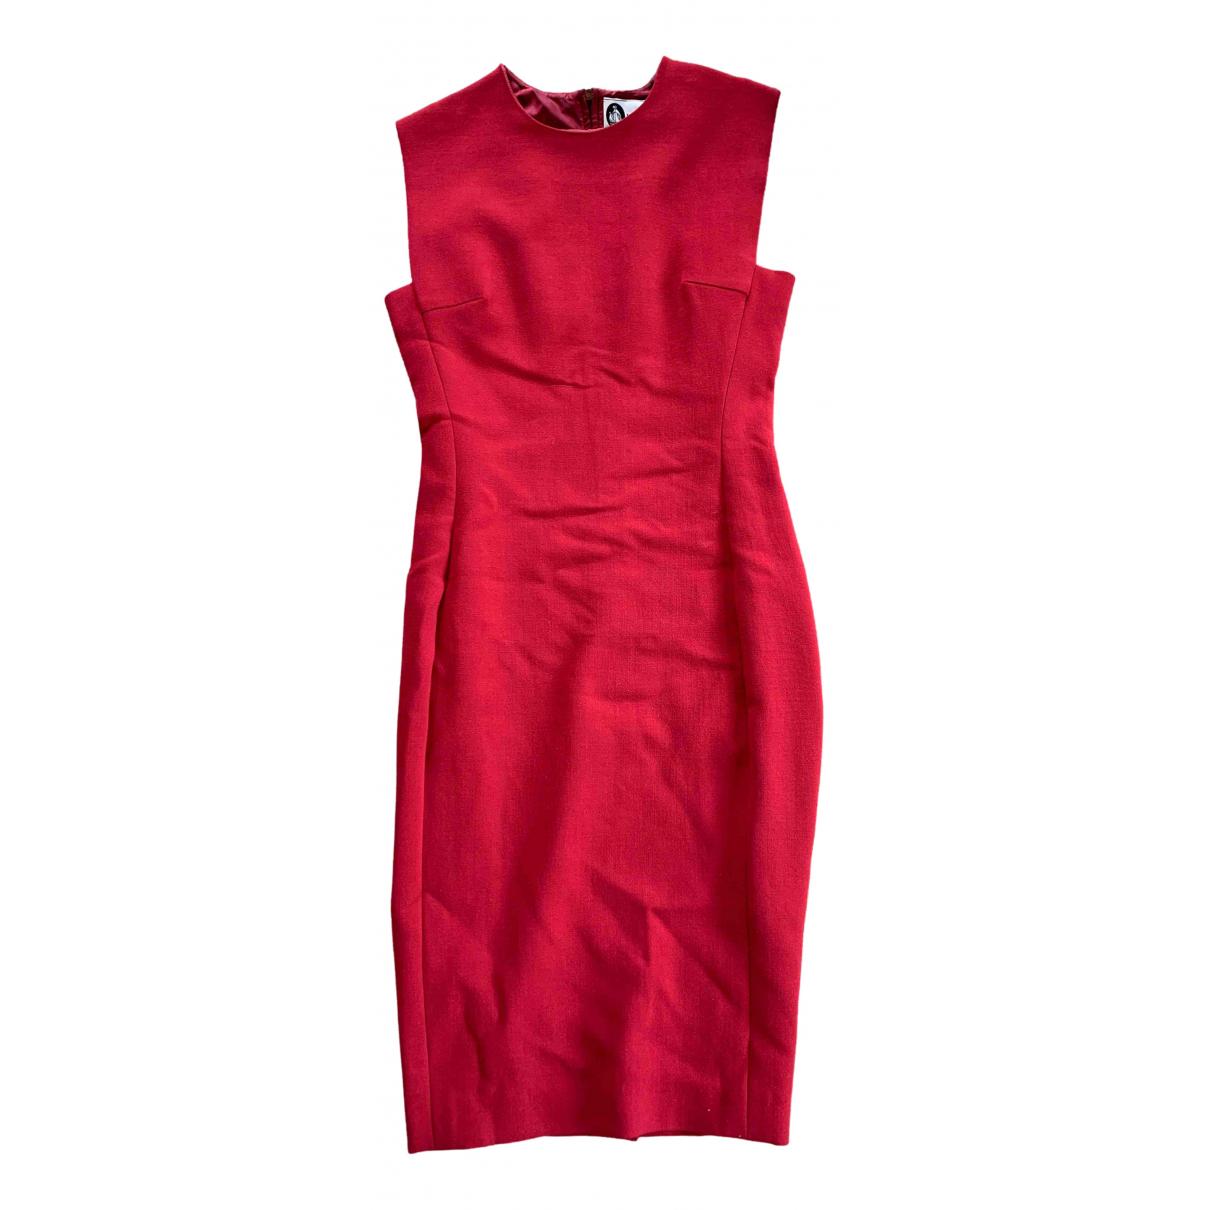 Lanvin \N Kleid in  Rot Wolle